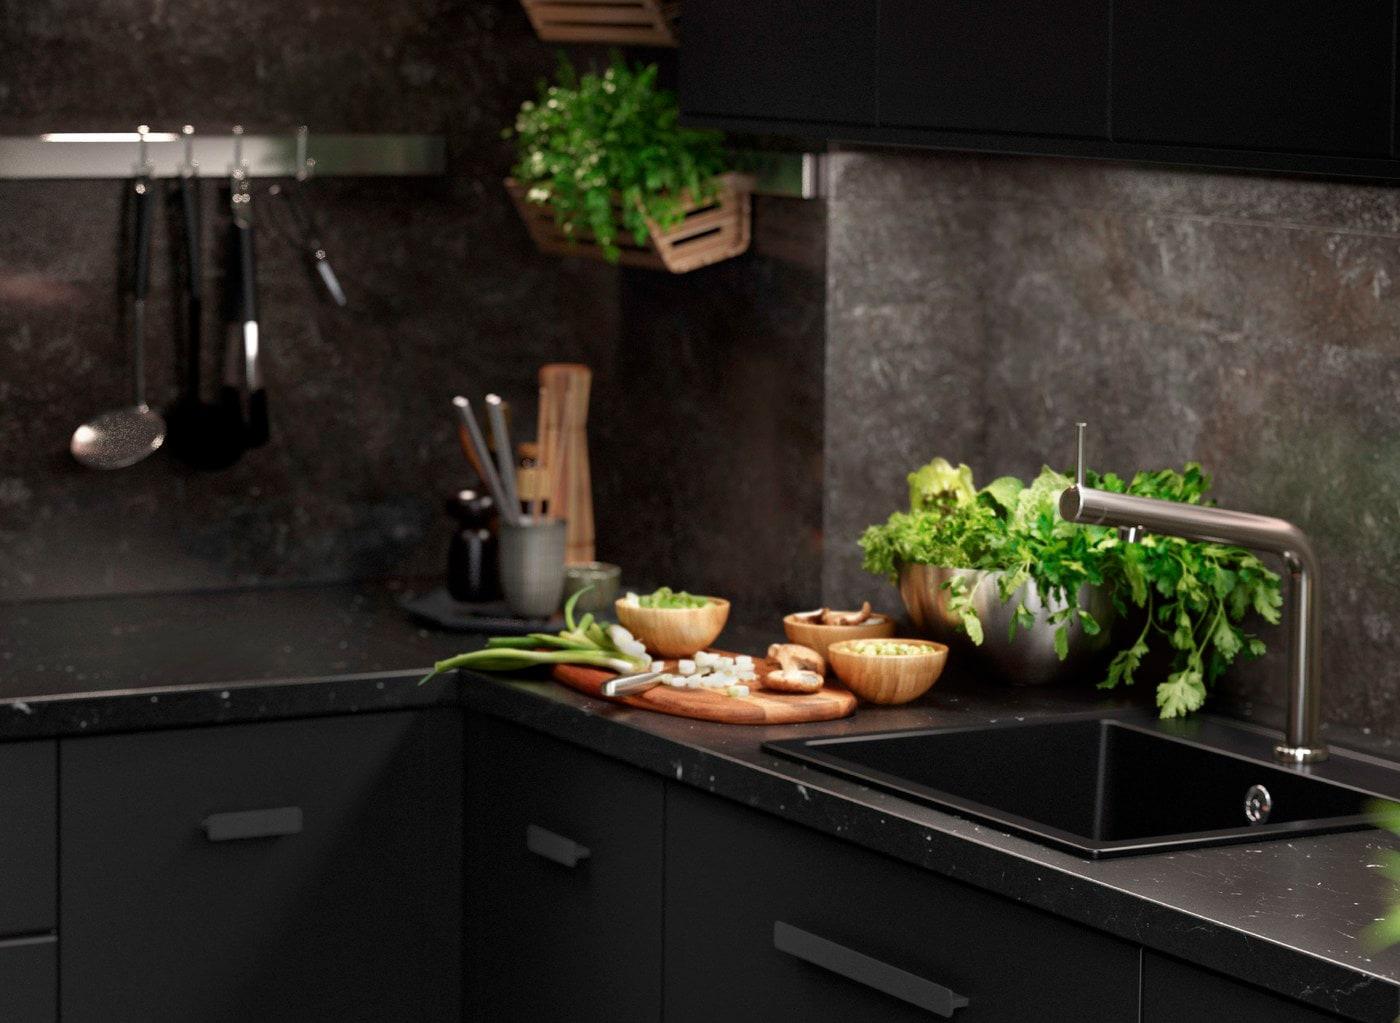 ブラックを基調にマーブル風のモチーフを取り入れたKUNGSBACKA/クングスバッカ キッチンに、フレッシュなハーブやキッチン用品が置かれた様子。